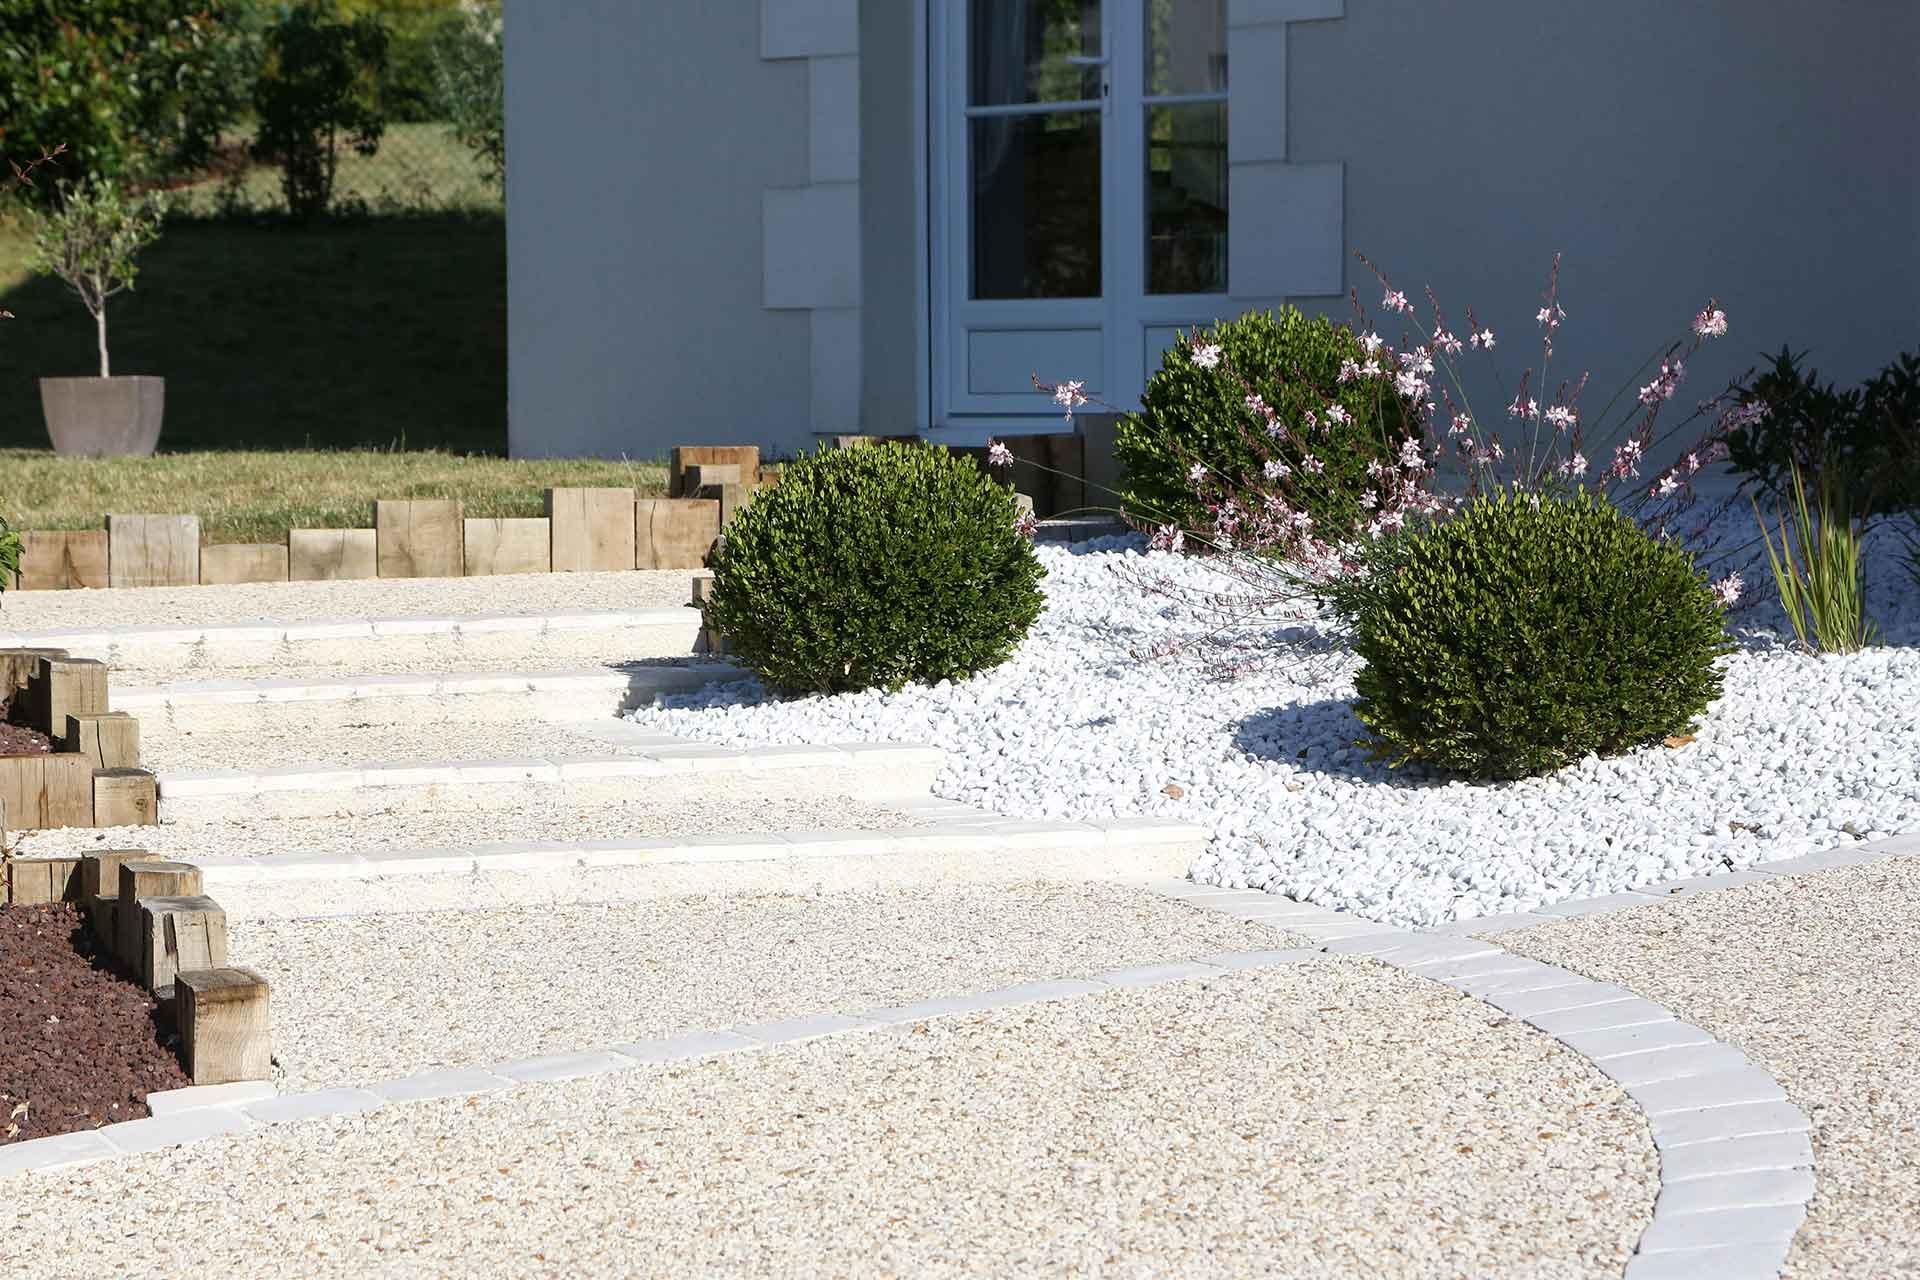 Pour le revêtement de votre allée, qu'elle soit piétonne ou carrossable, nous trouverons avec vous le matériau adéquat et esthétique qui va unir votre maison au jardin.